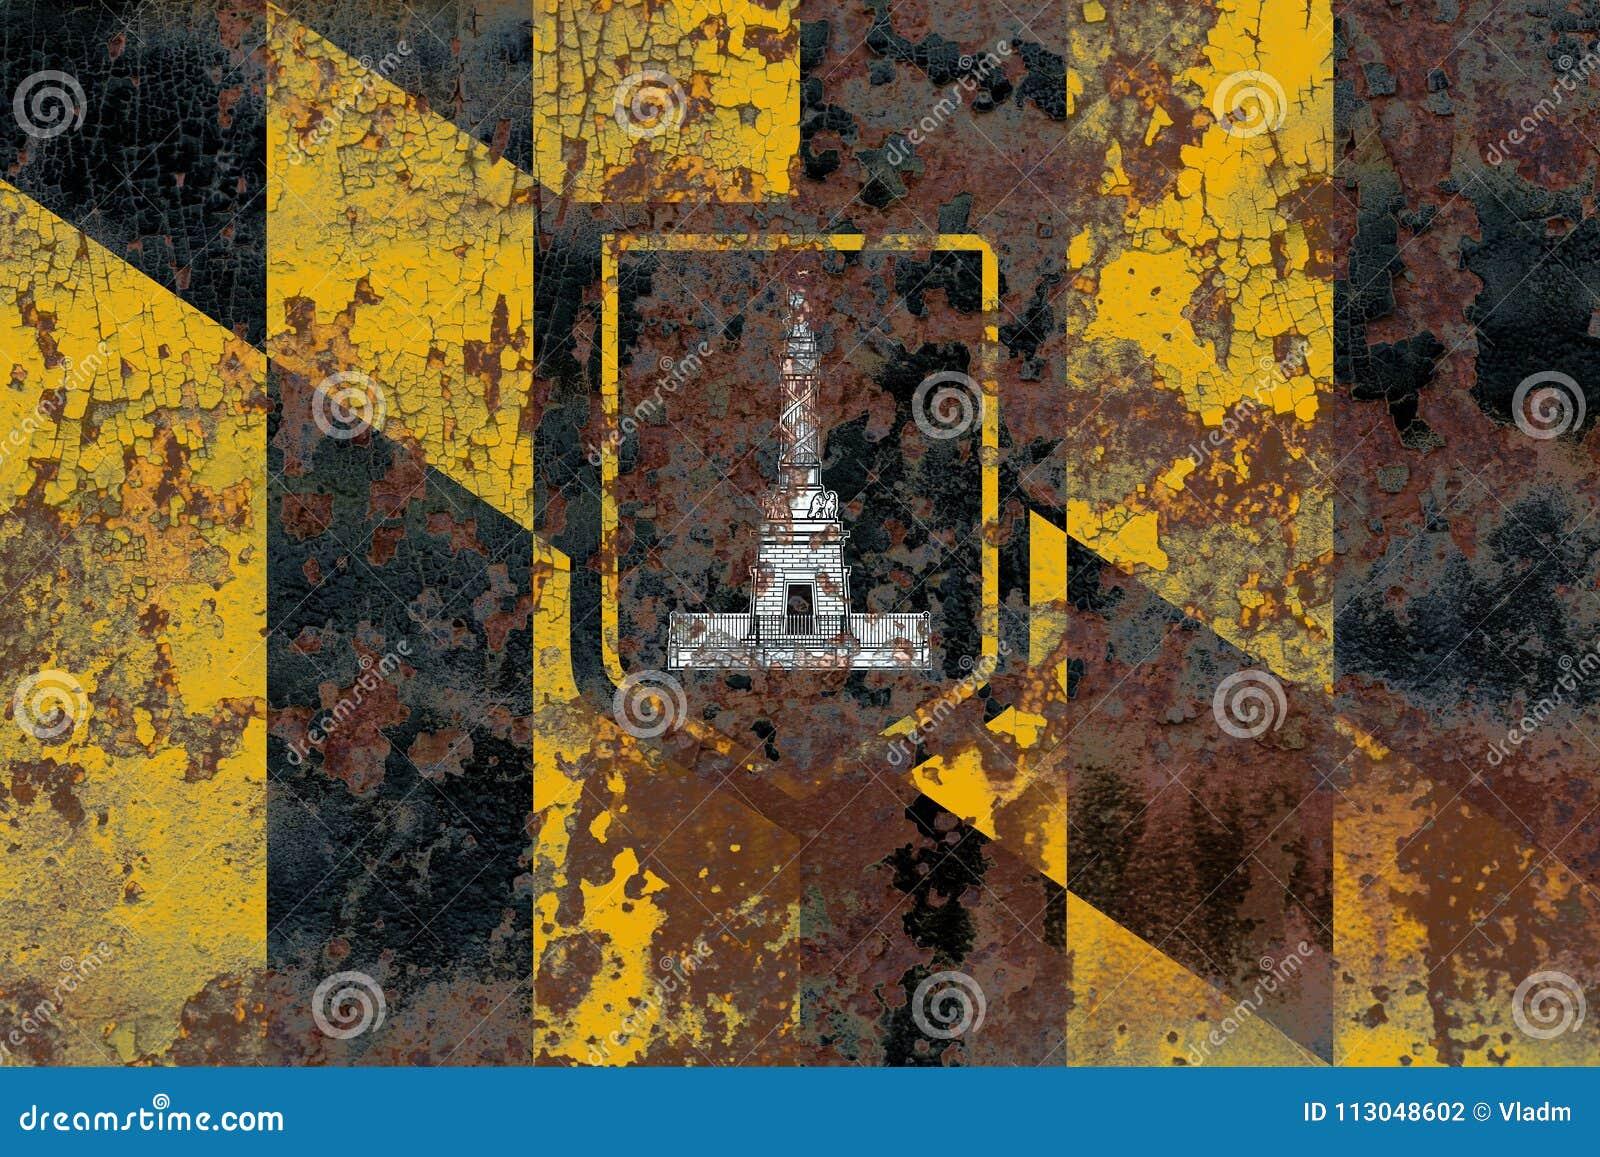 Bandera del humo de la ciudad de Baltimore, estado de Maryland, Estados Unidos de Amer